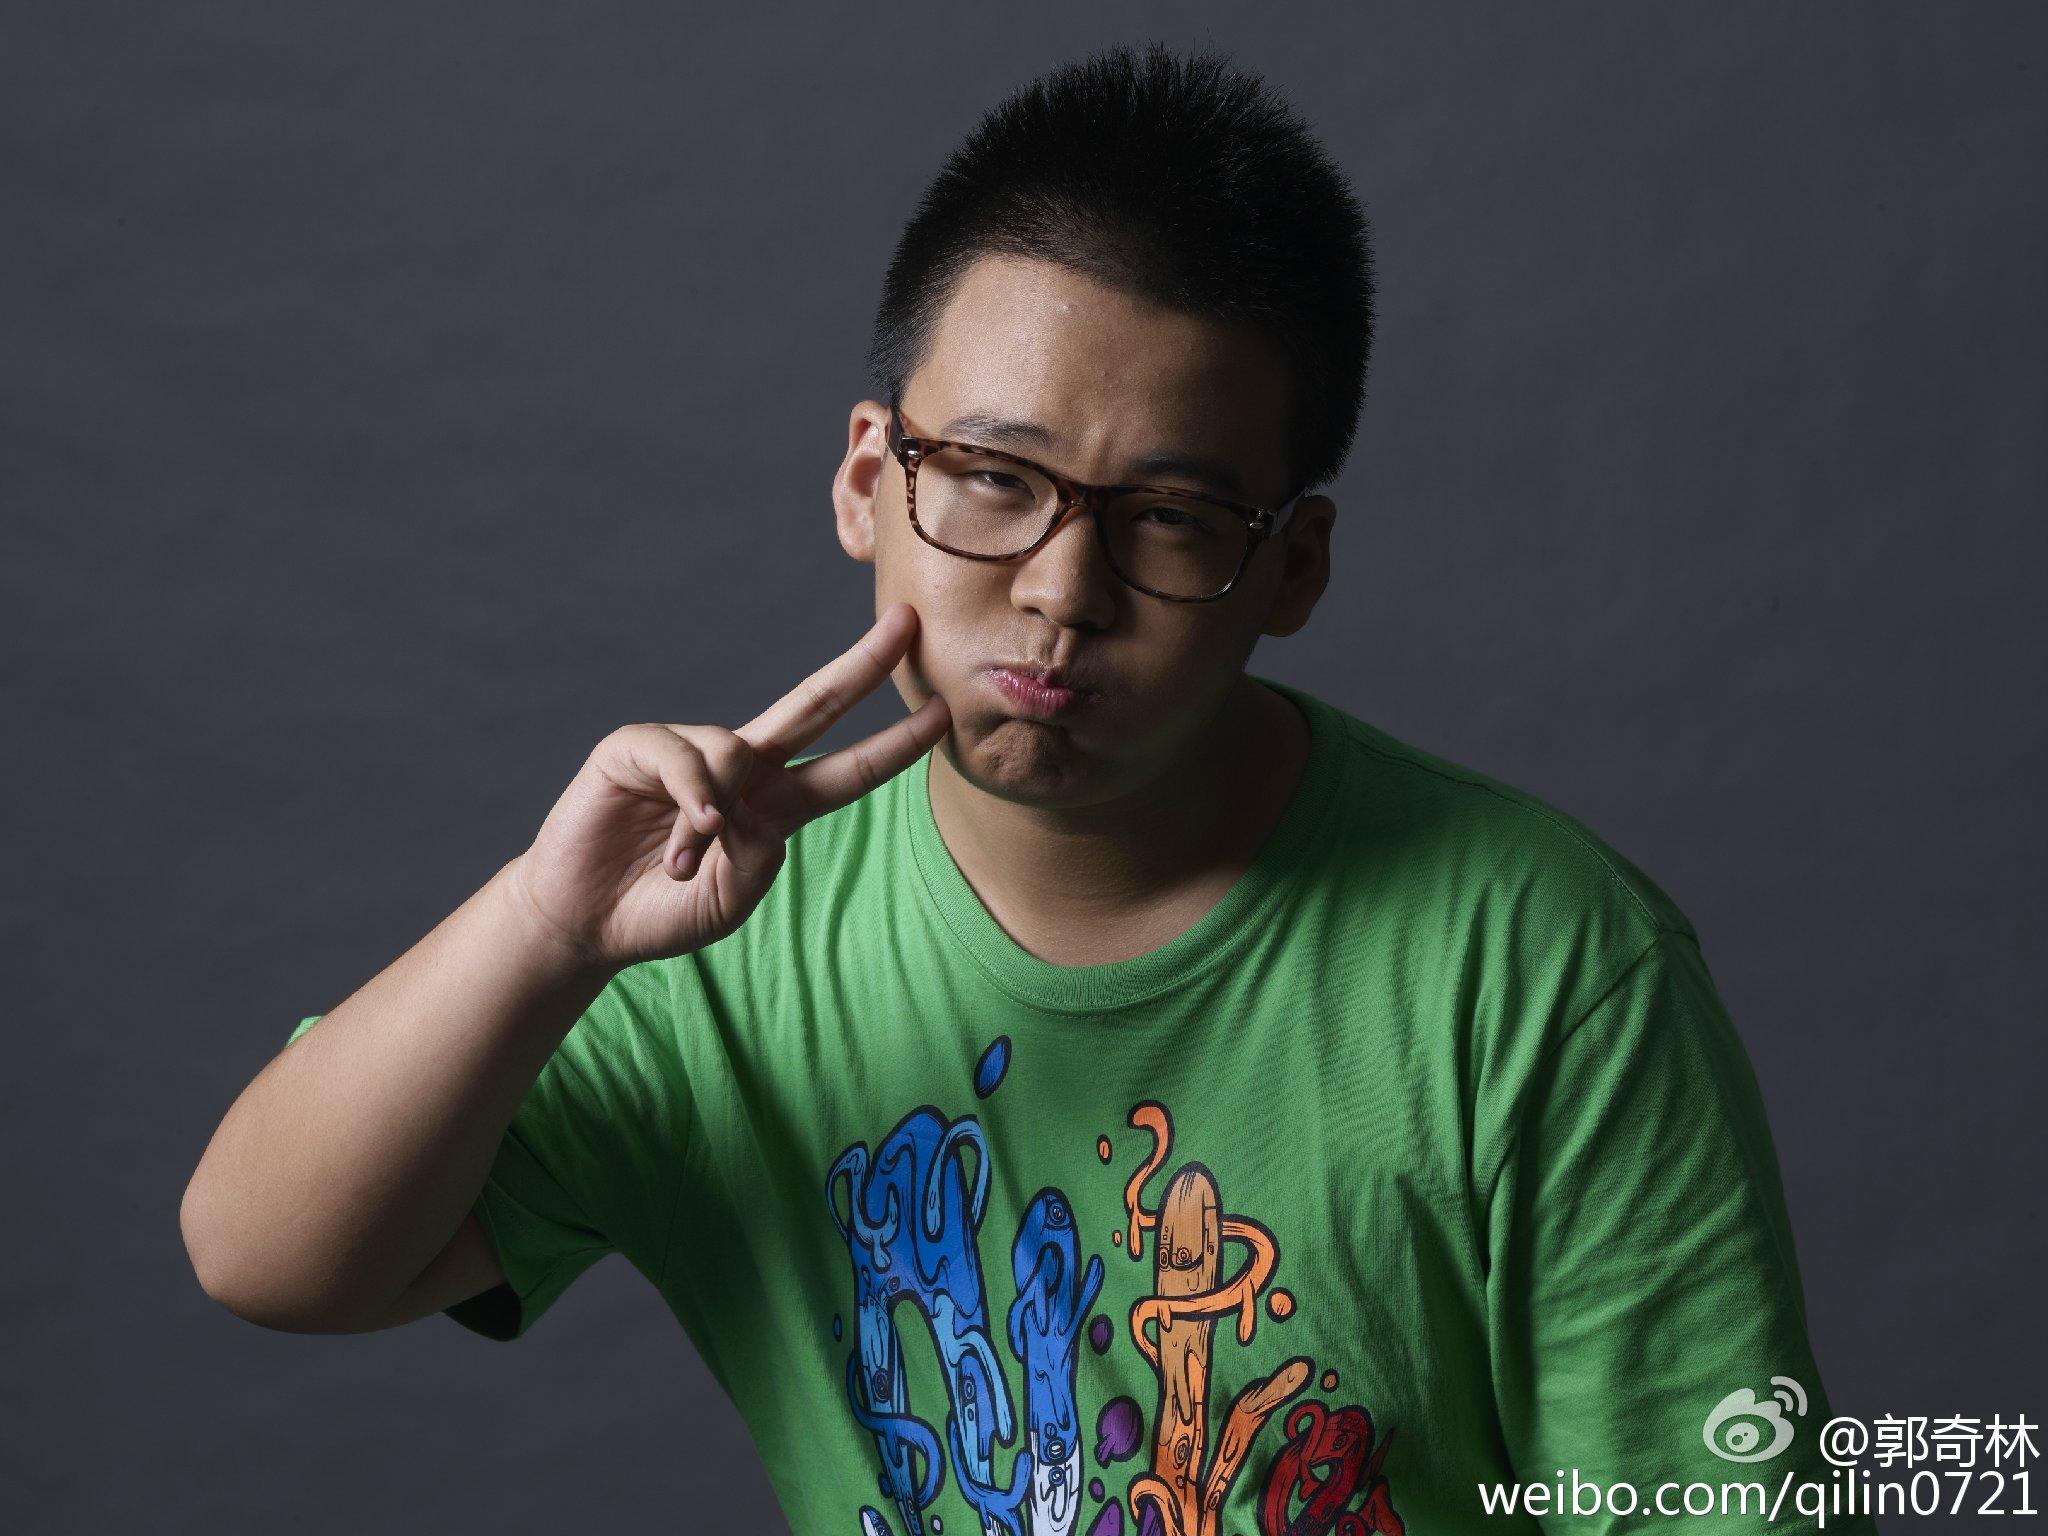 郭德纲大儿子郭麒麟晒减肥对比照 网友:判若两人!图片